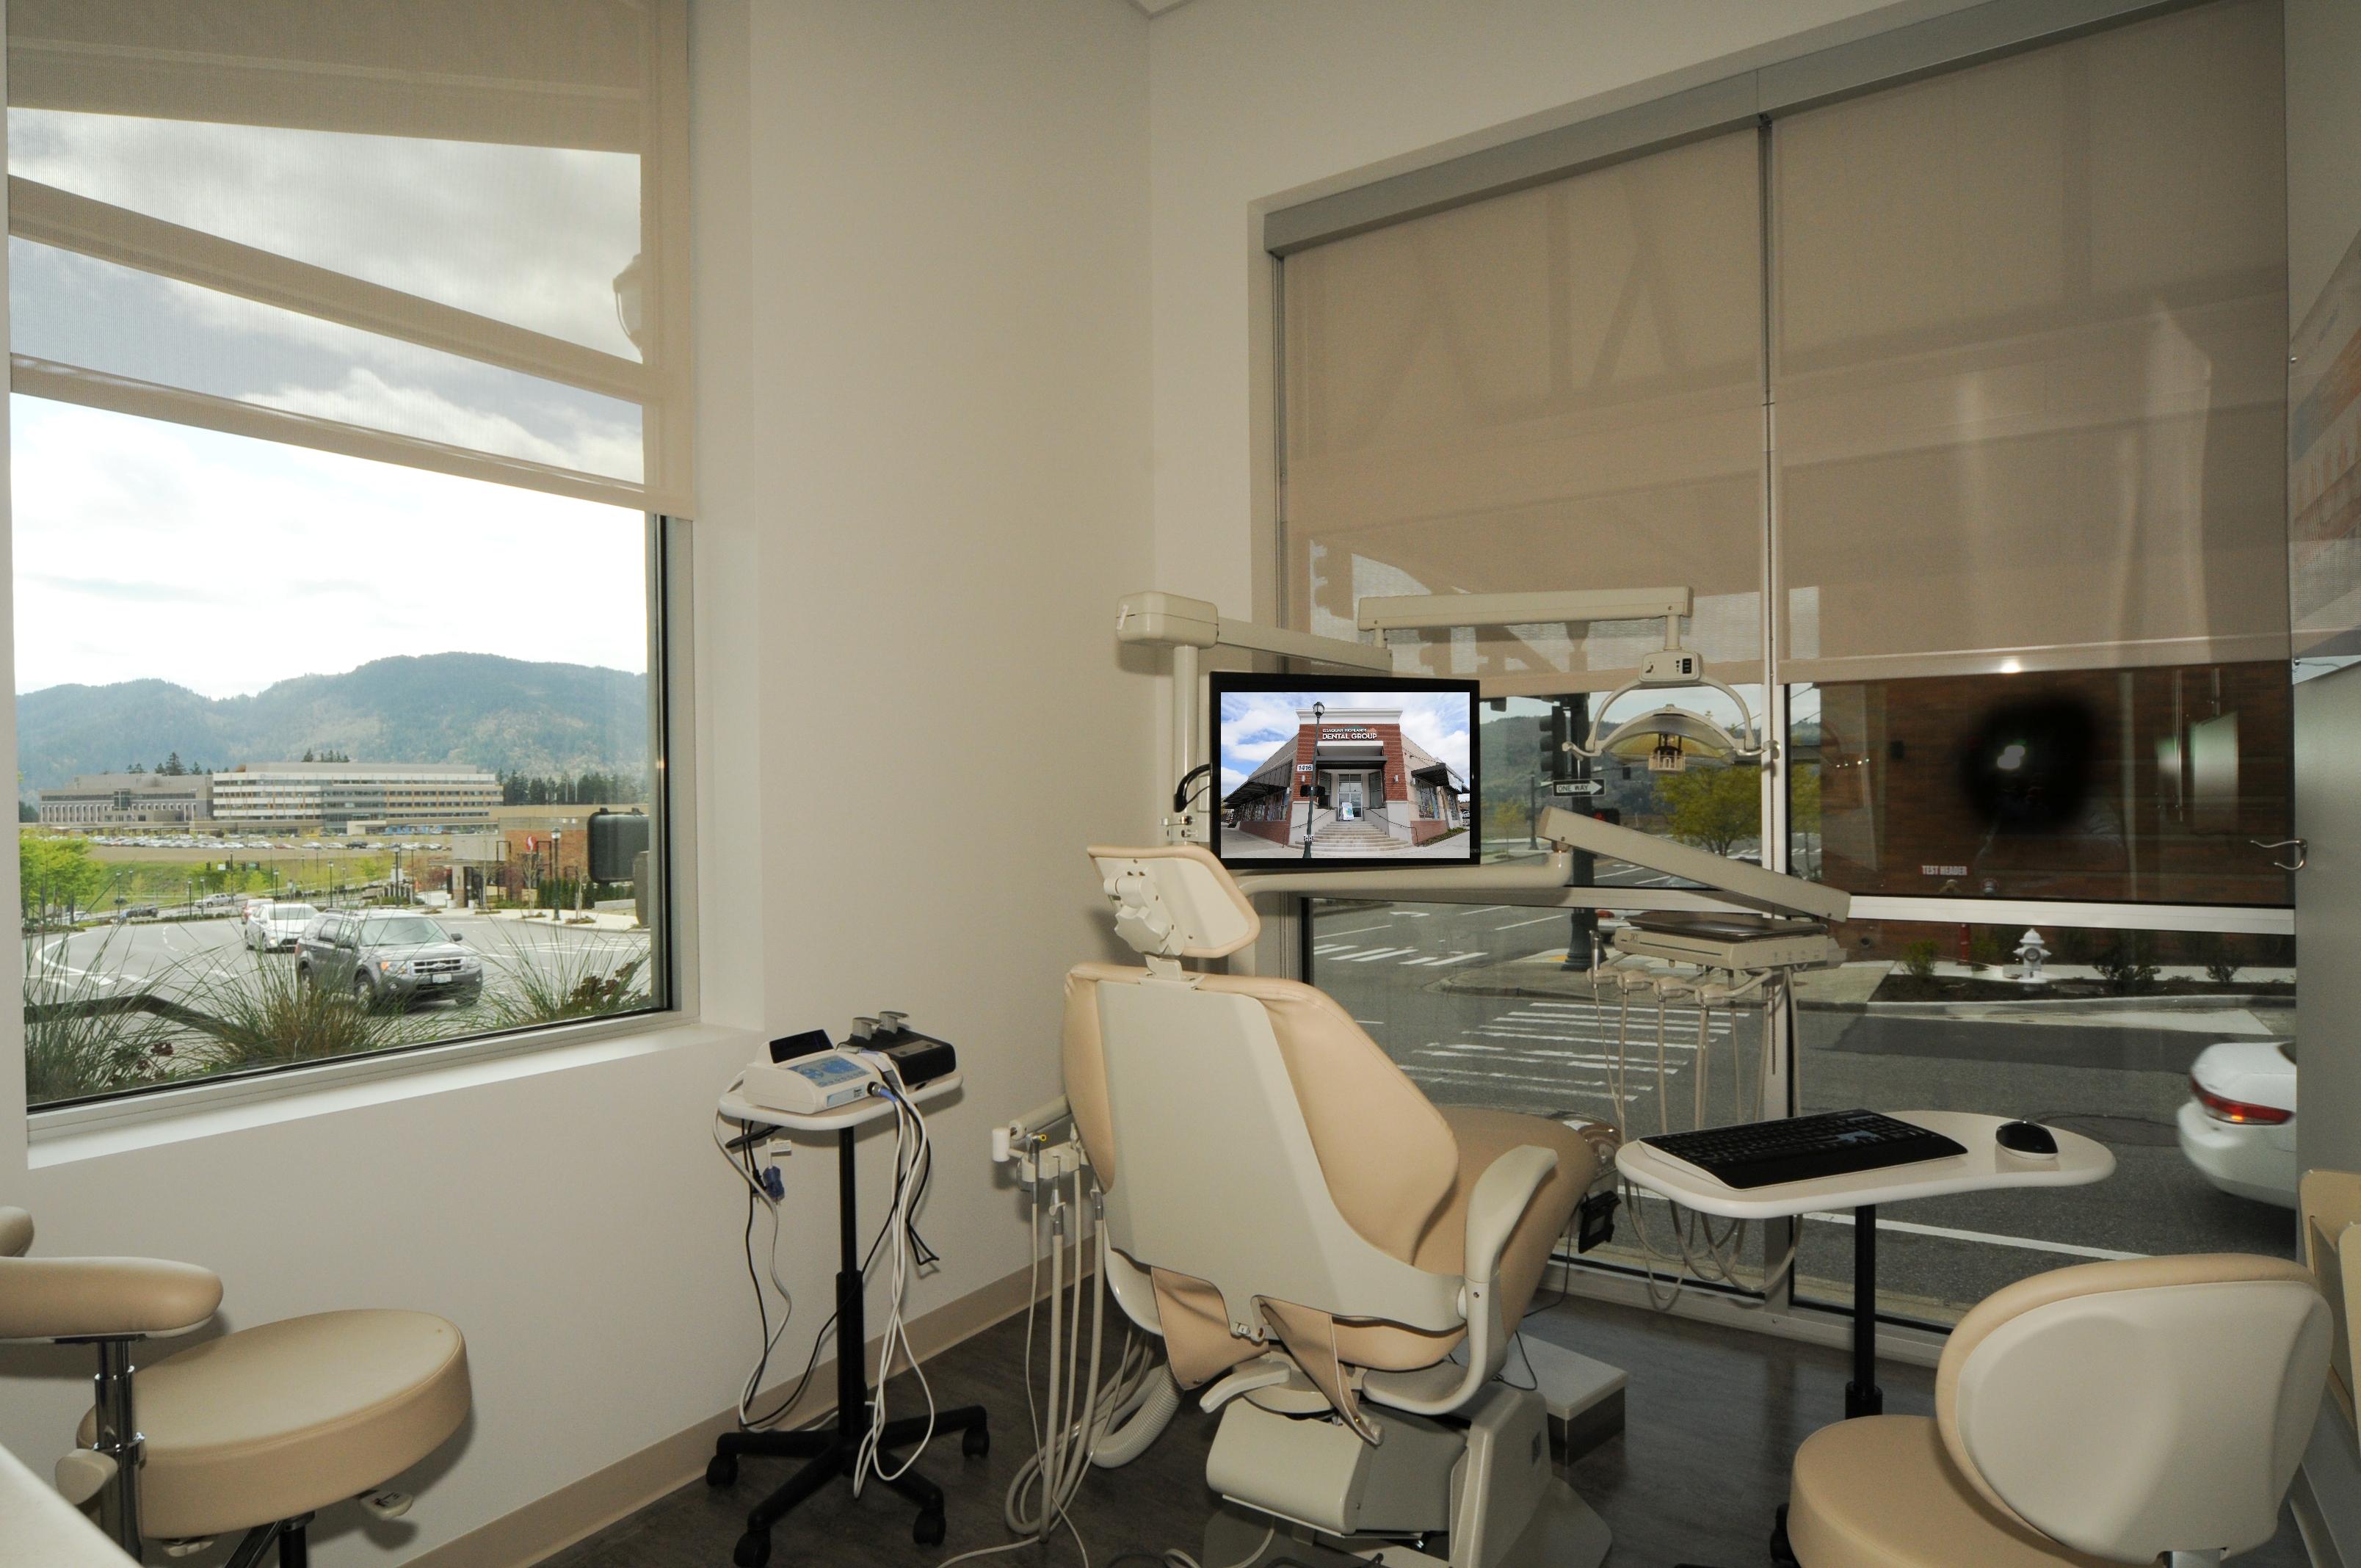 Issaquah Highlands Dental Group image 11